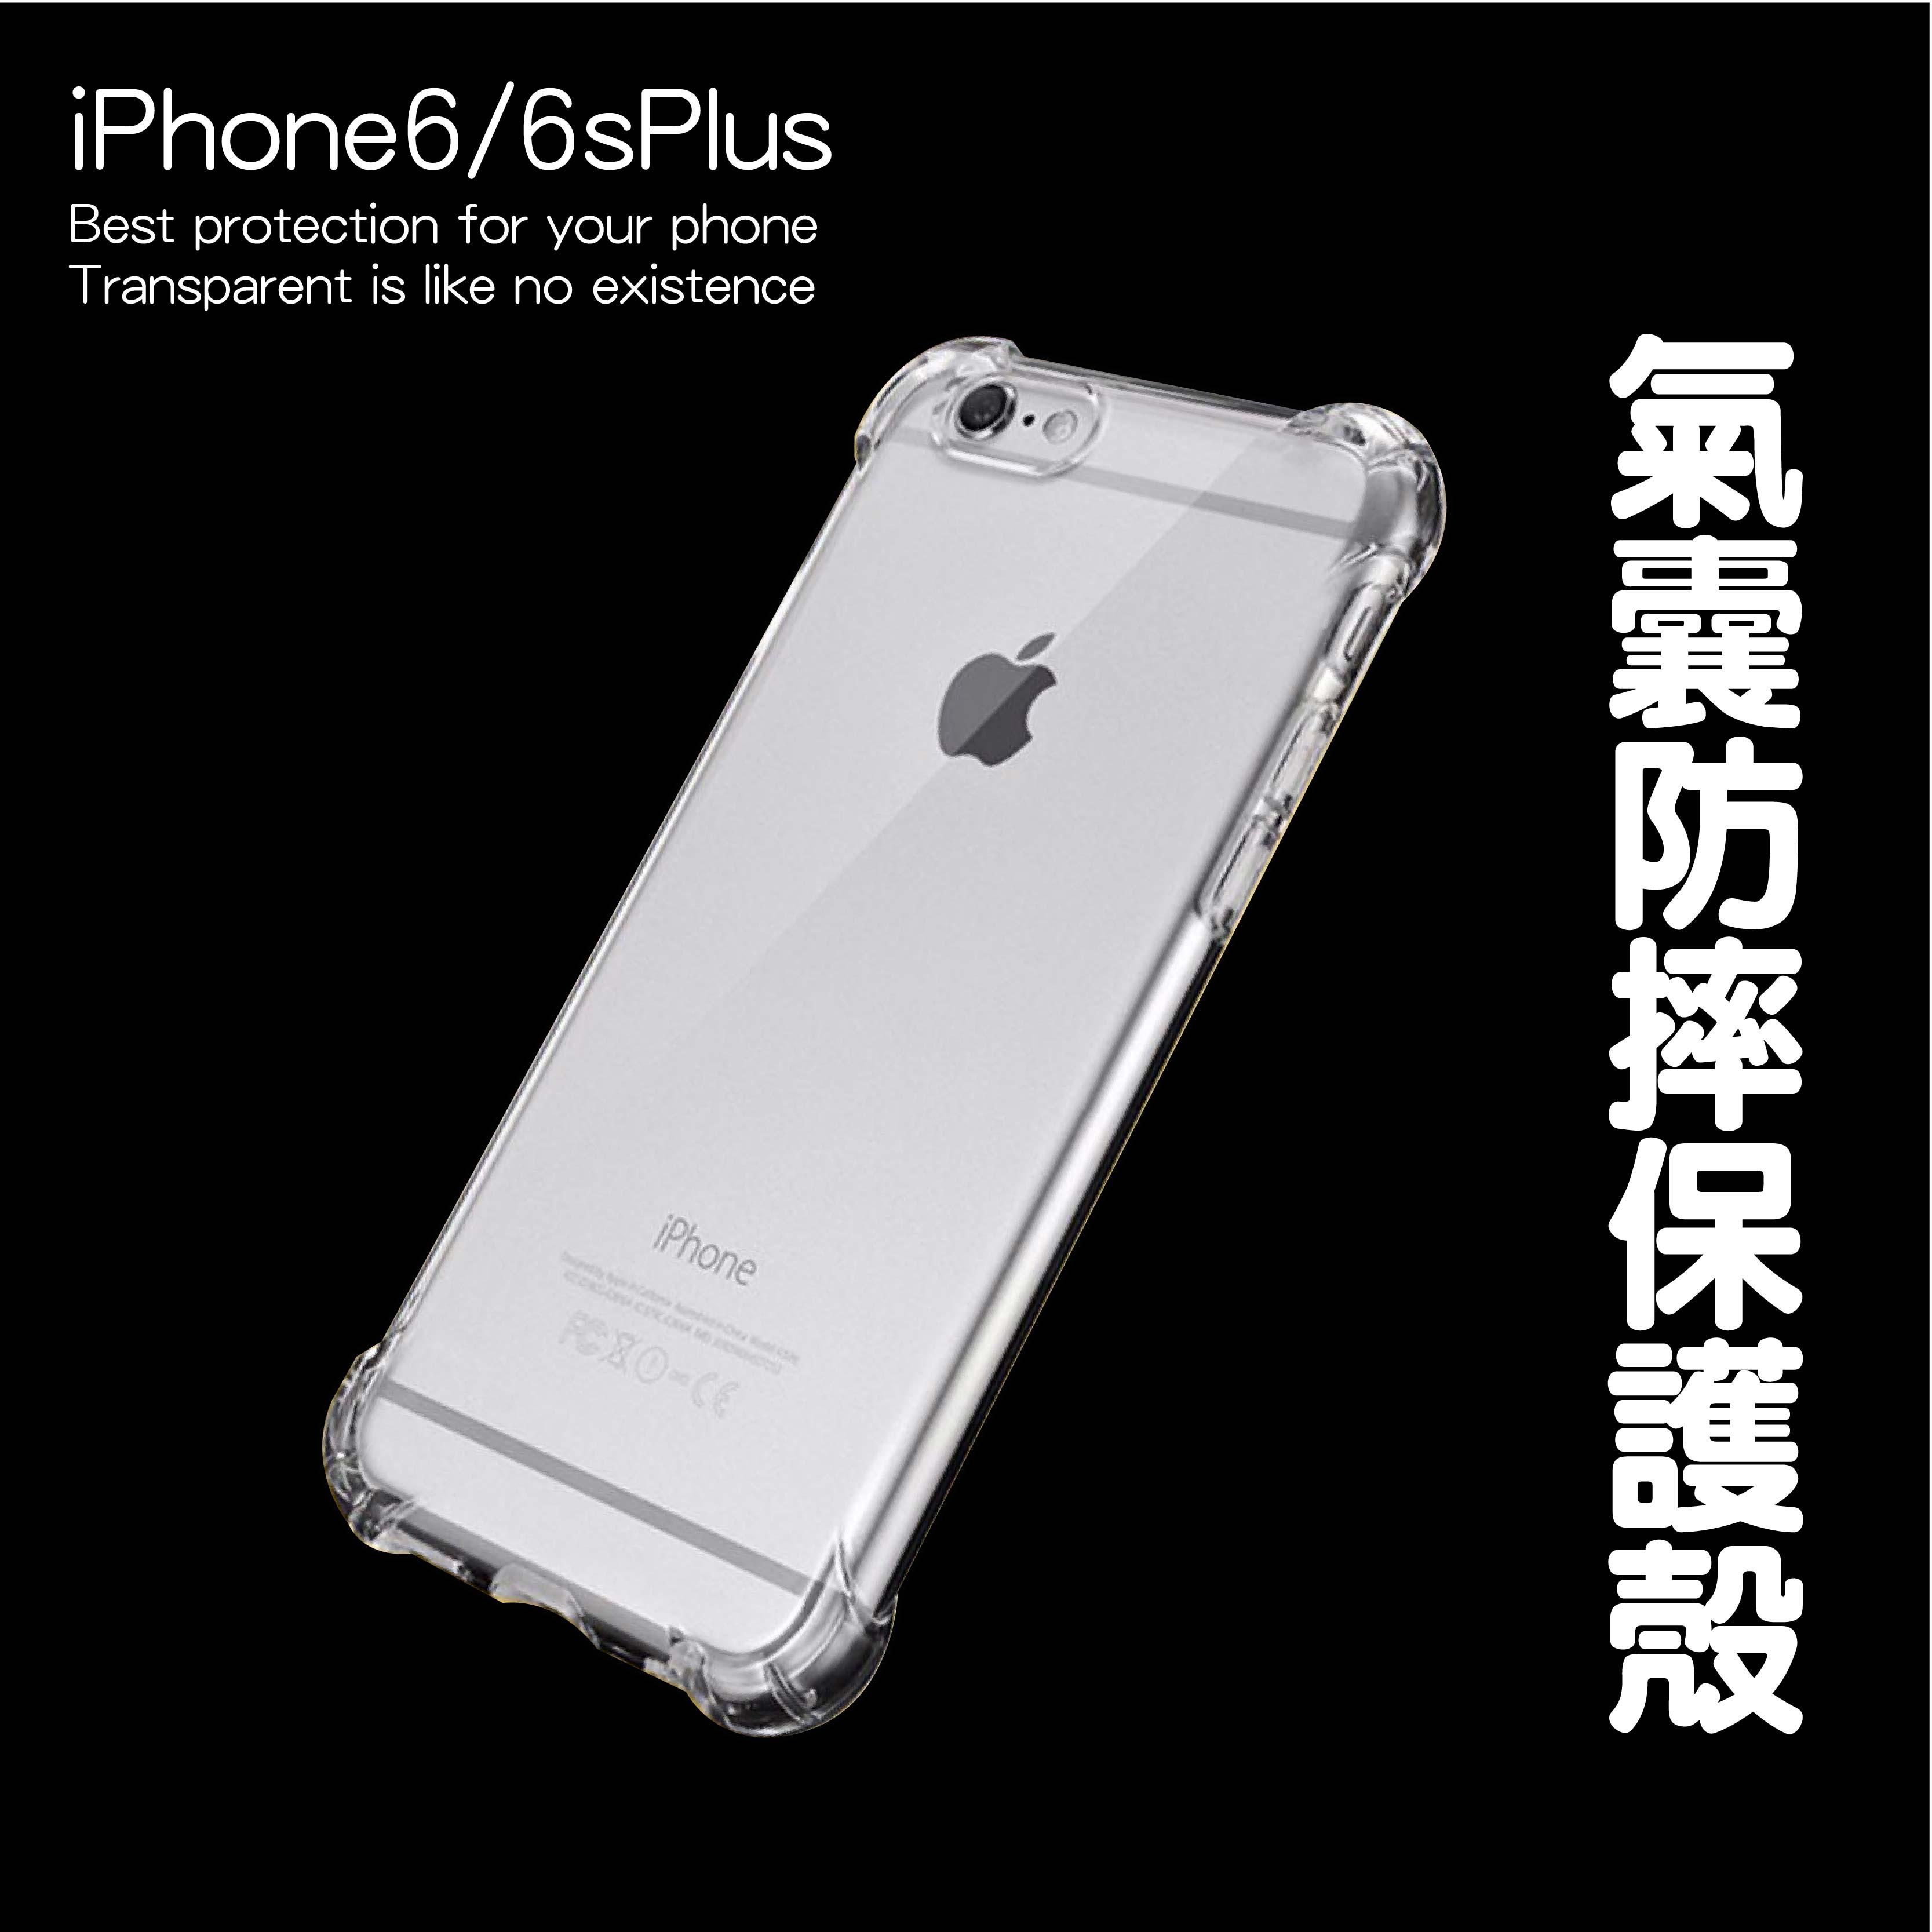 四角強力 氣囊 iPhone 6 6S Plus 4.7 / 5.5 手機殼 空壓殼 防摔 軟硬殼 保護殼 壓克力 透明